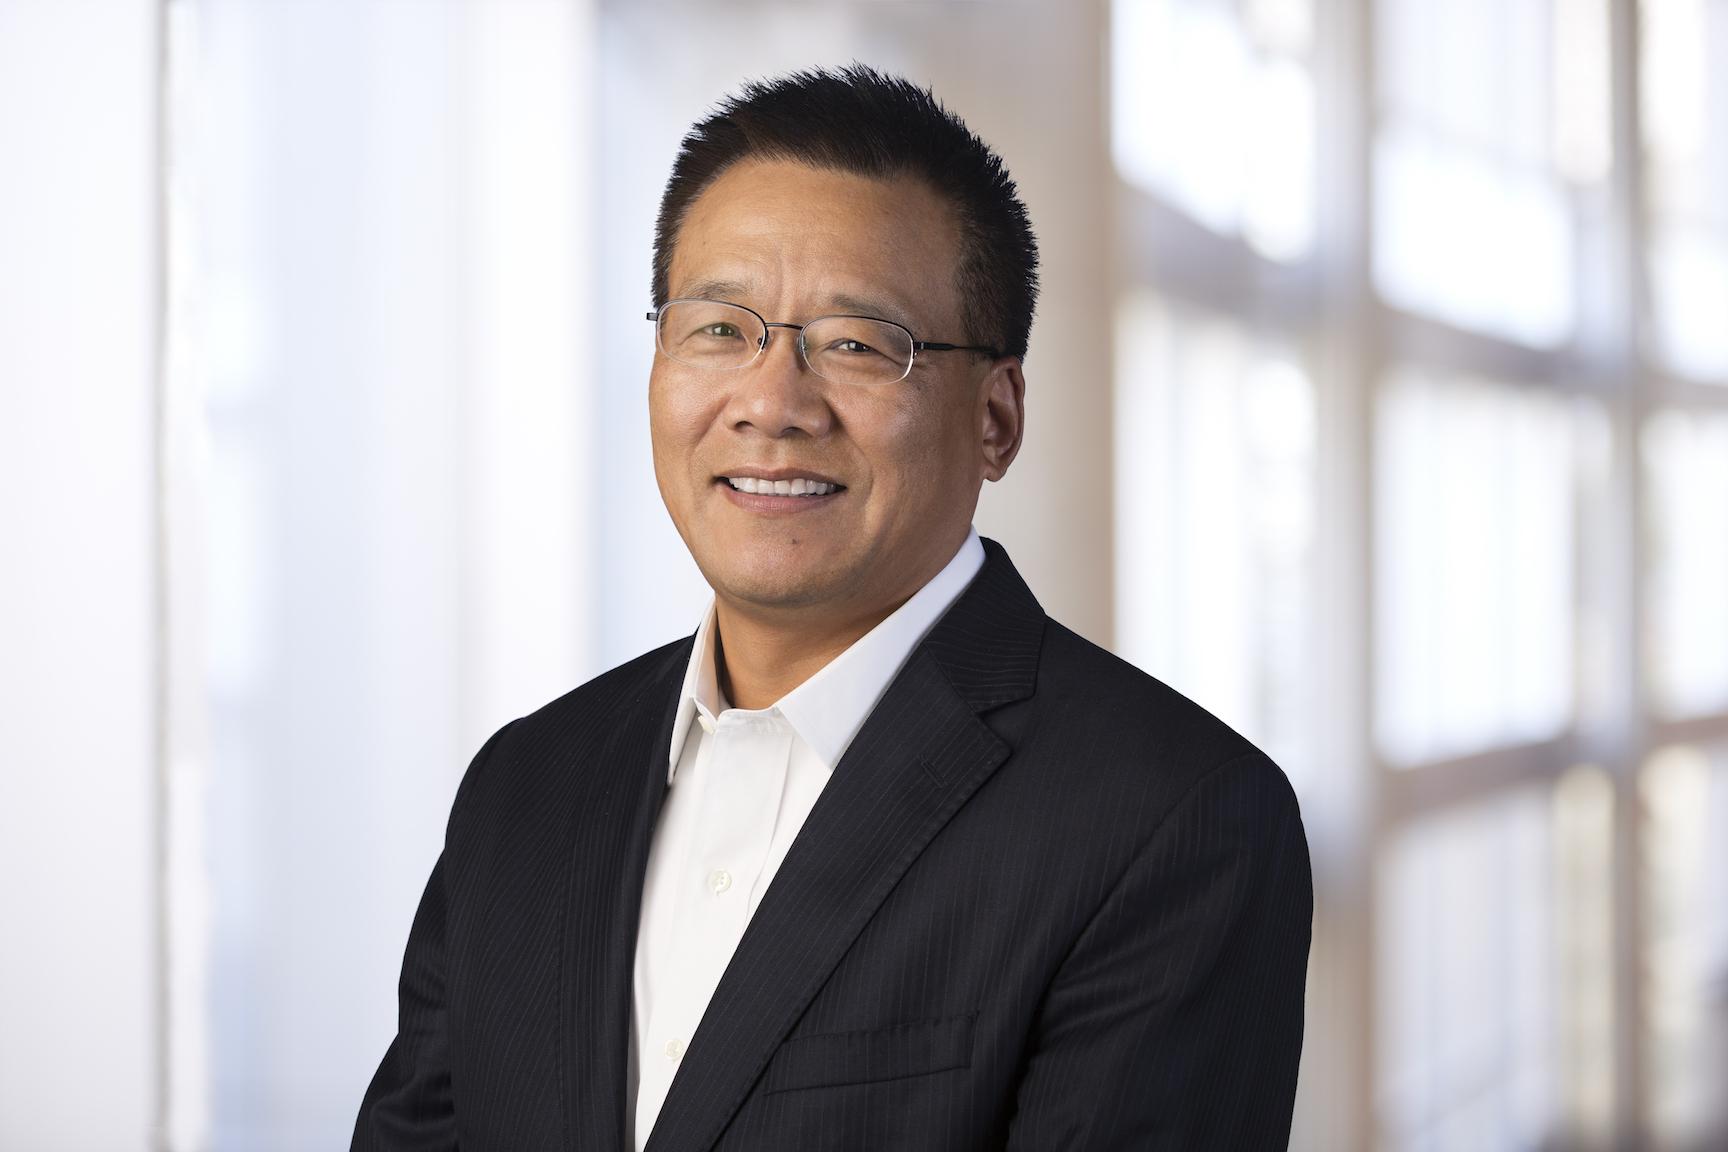 作者:黄陈宏博士,戴尔科技集团全球执行副总裁,大中华区总裁